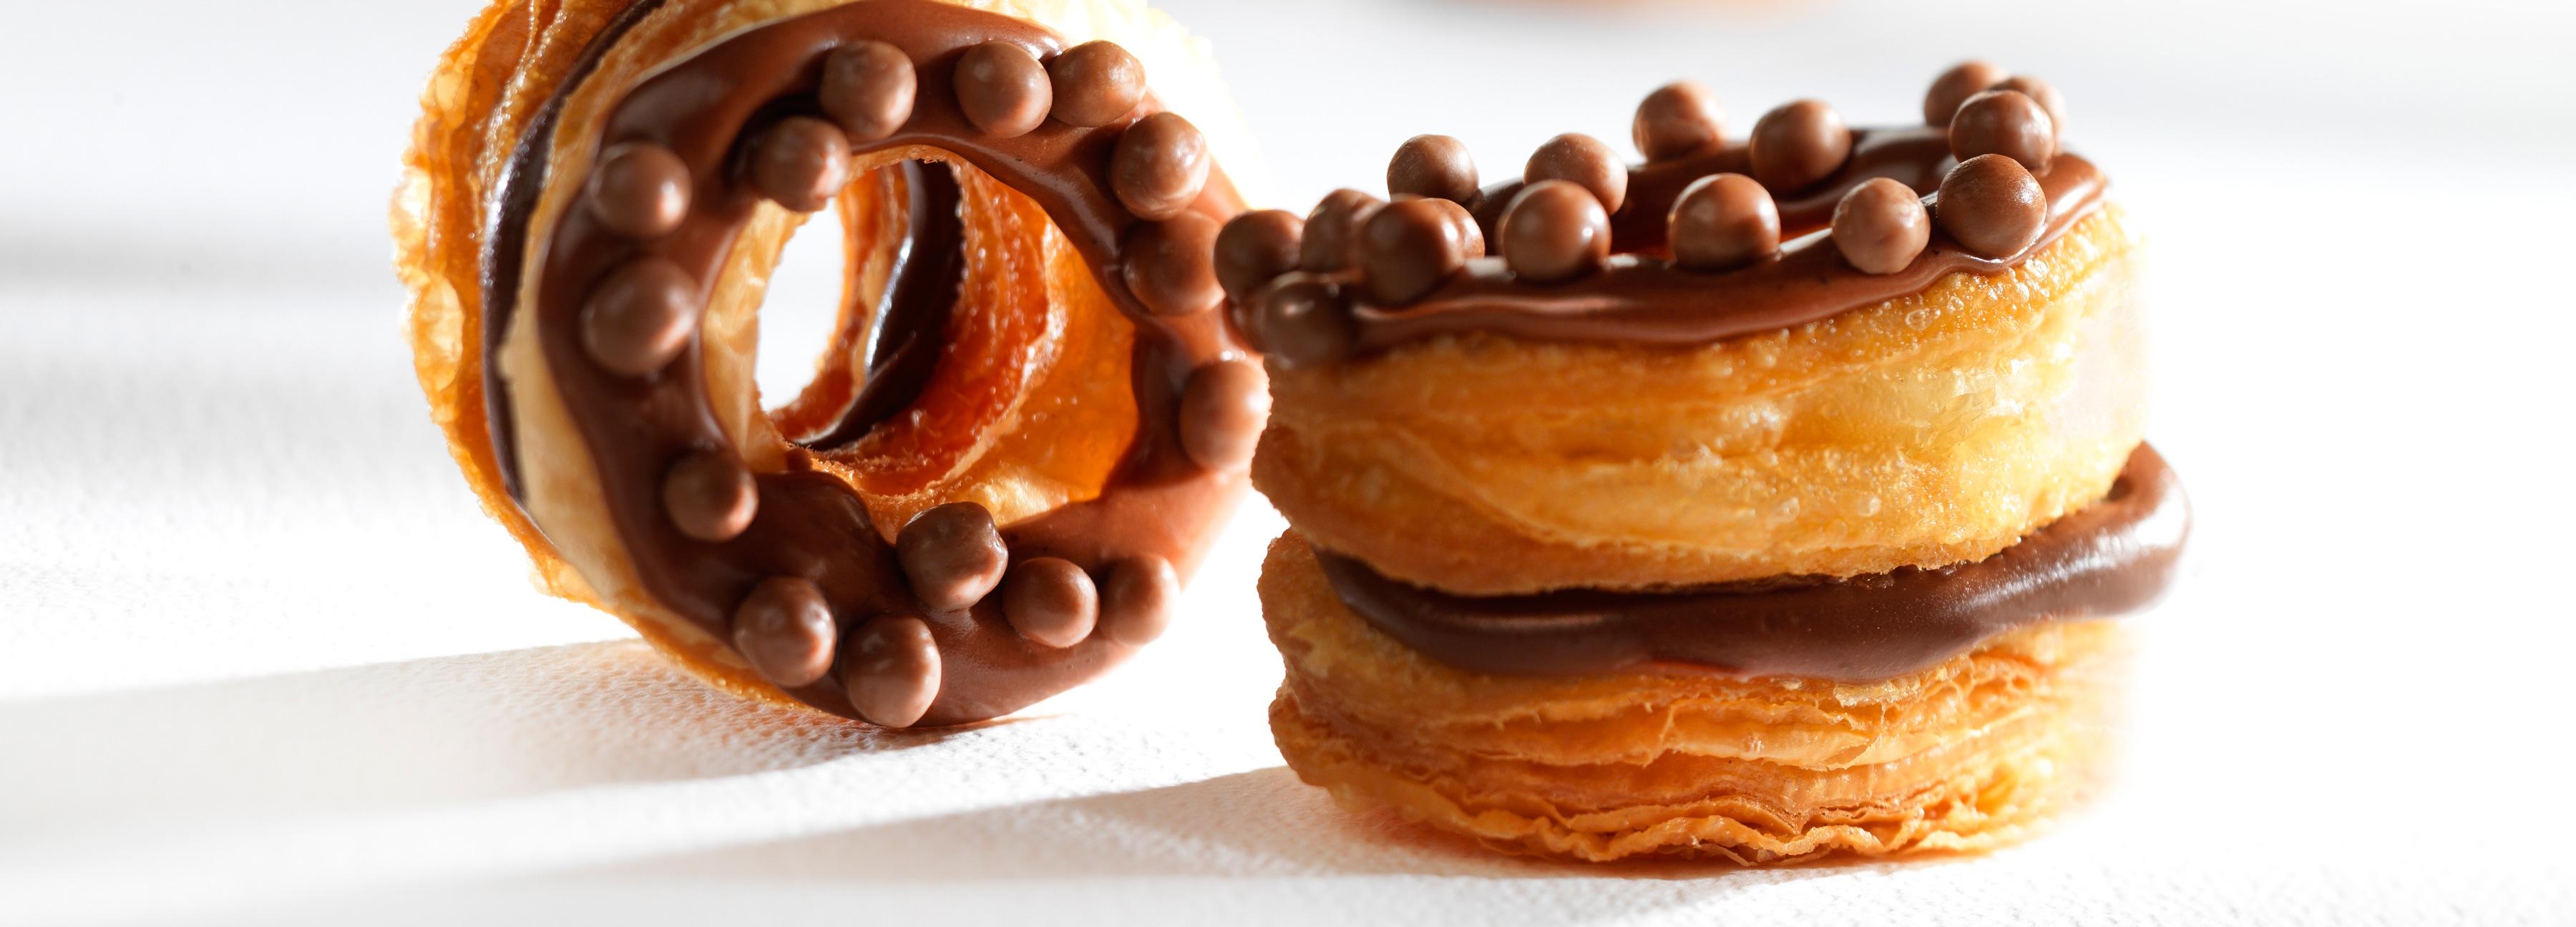 CHOCRO-DONUT™ с шоколадным кремом